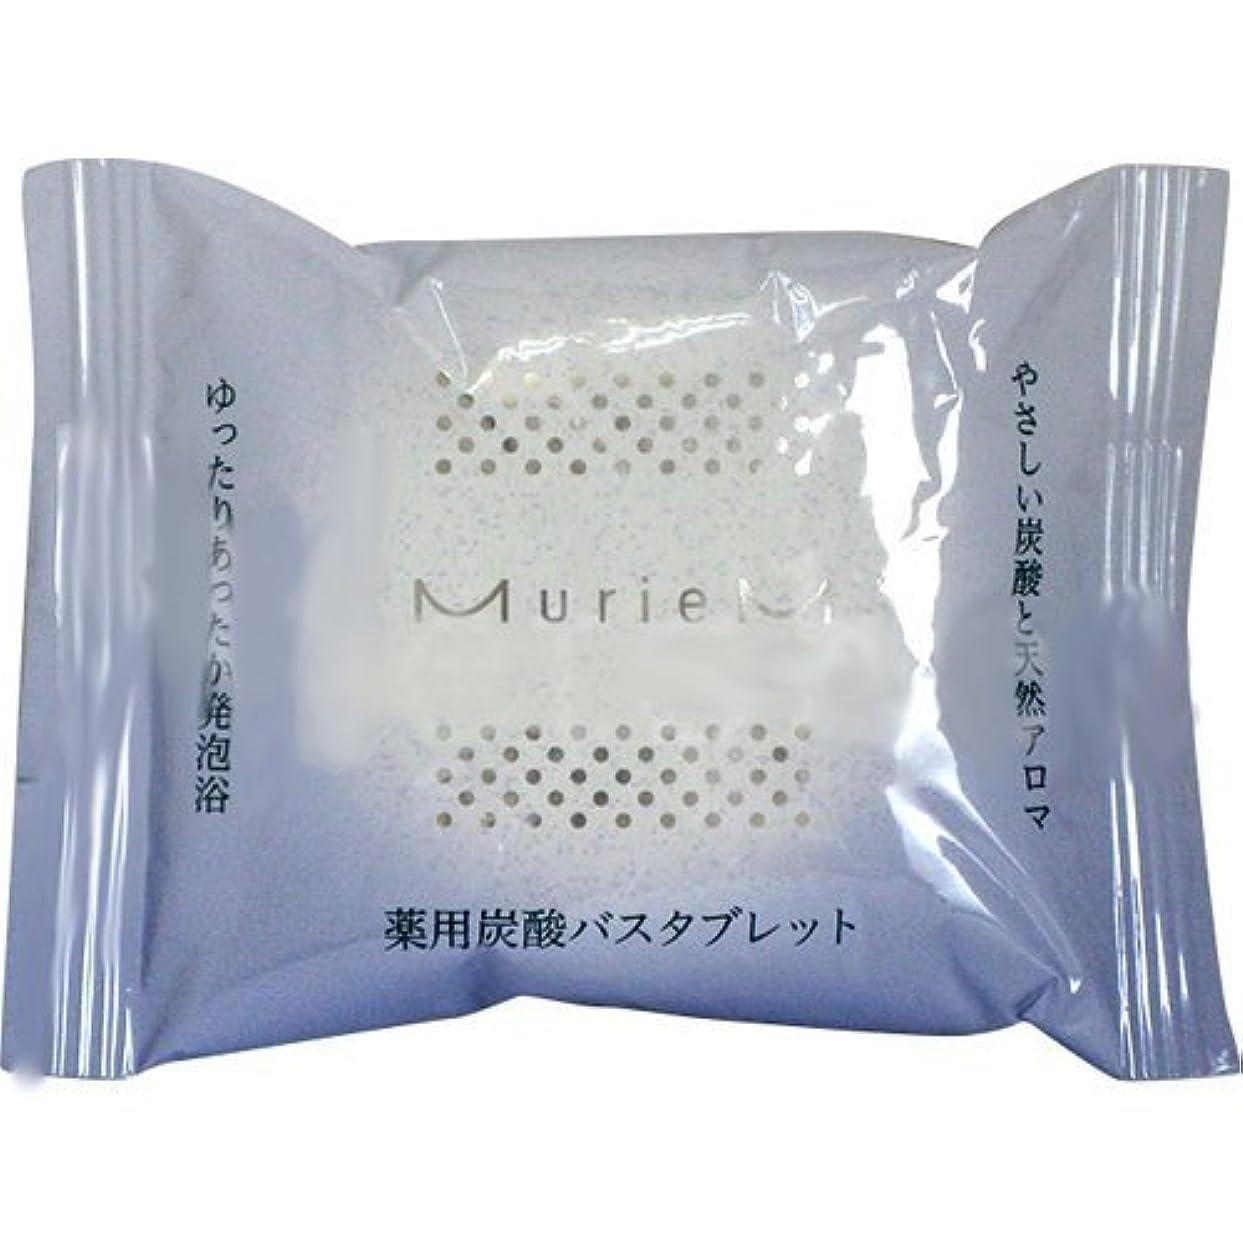 信仰ドロー石ナンバースリー ミュリアム クリスタル 薬用炭酸バスタブレット 10包入 医薬部外品